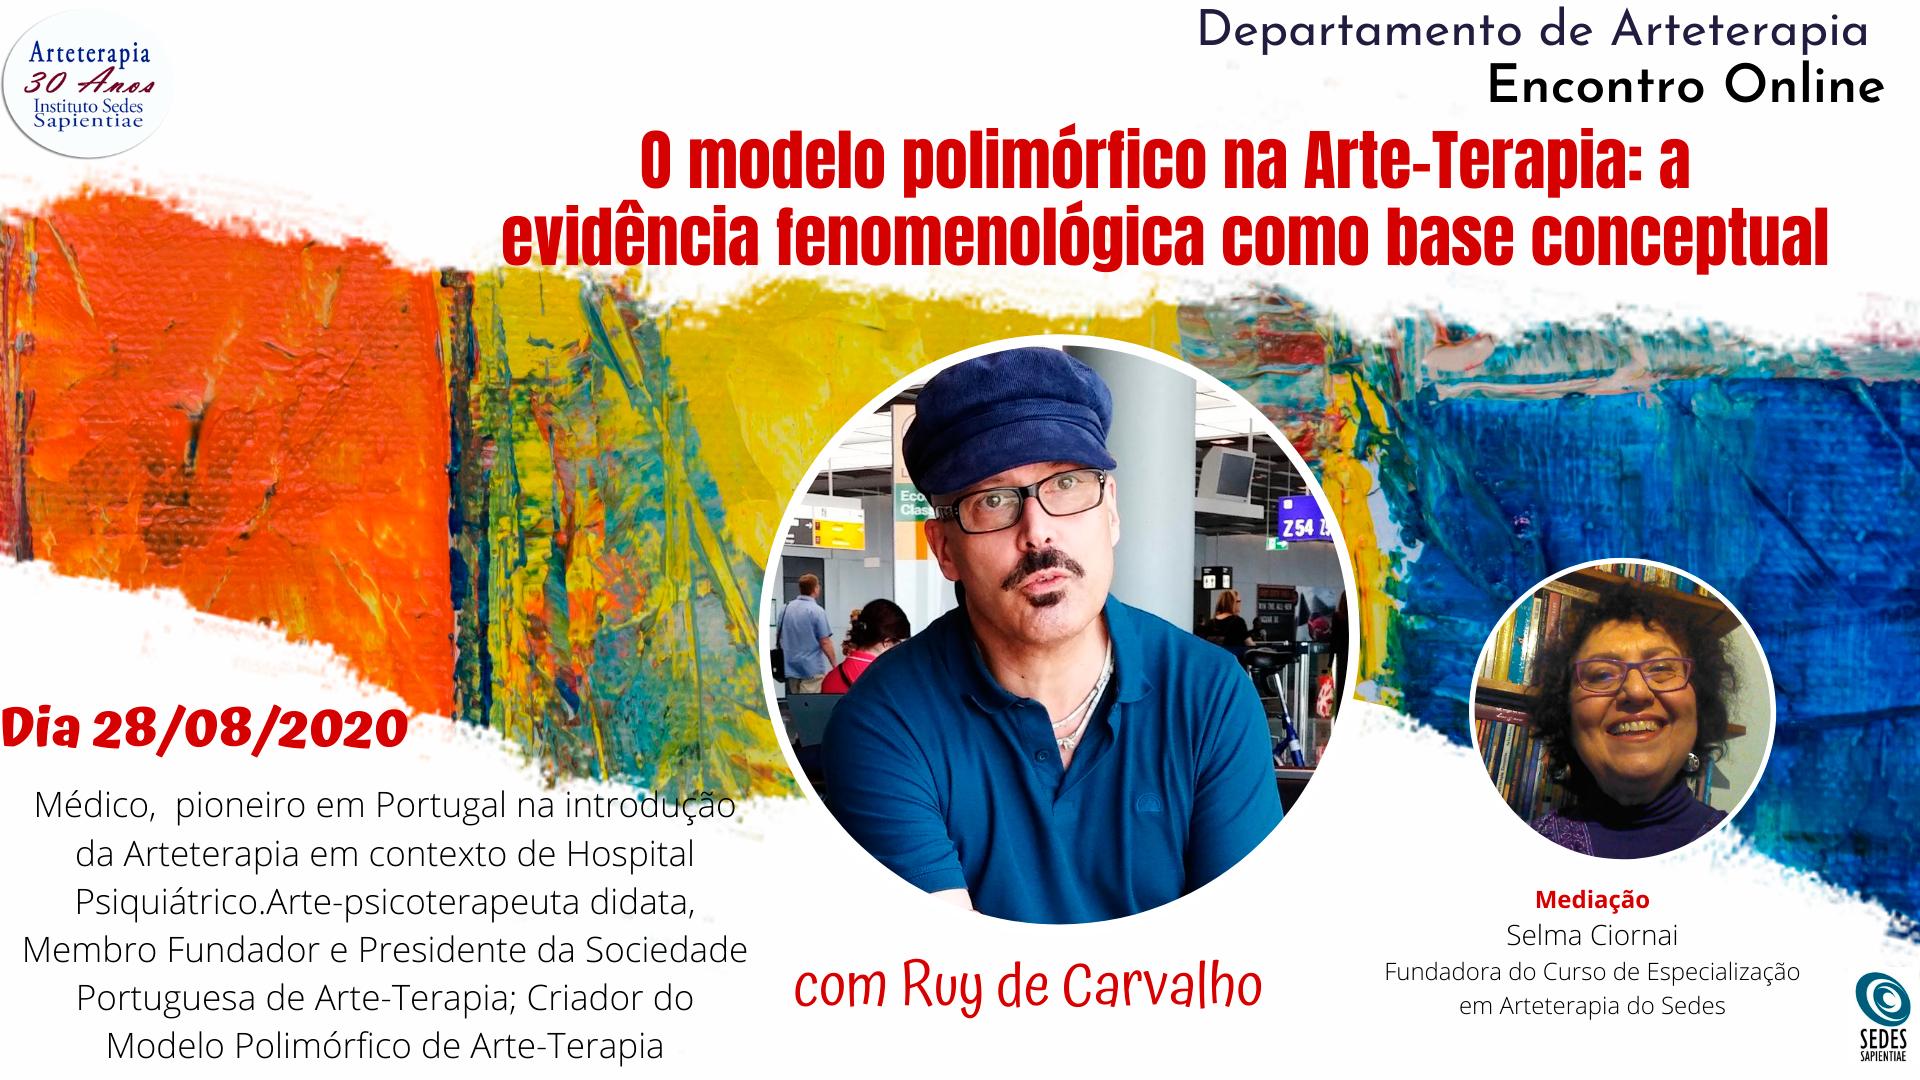 O modelo polimórfico na Arte-Terapia: a evidência fenomenológica como base conceptual